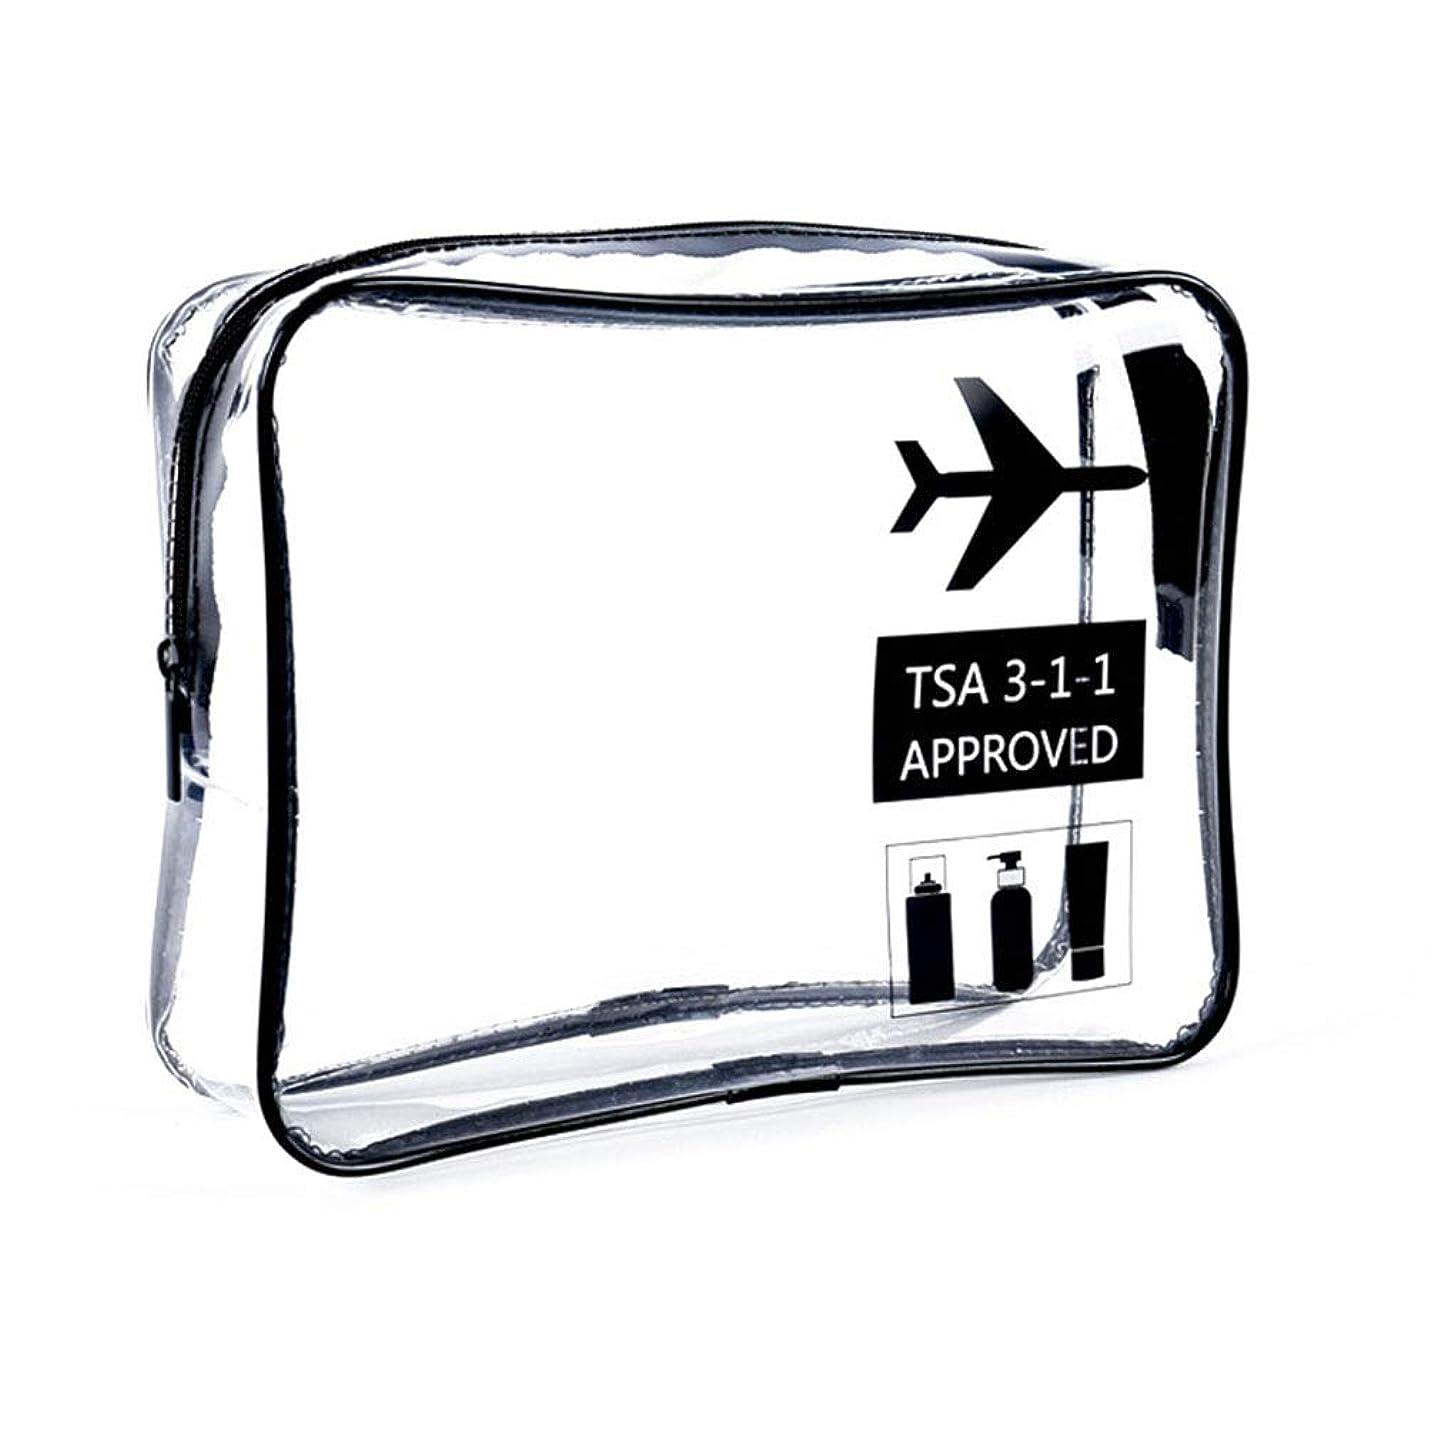 みぞれ追記正直明確な化粧袋、ジッパー旅行貯蔵袋の化粧品の箱が付いている携帯用防水化粧品袋